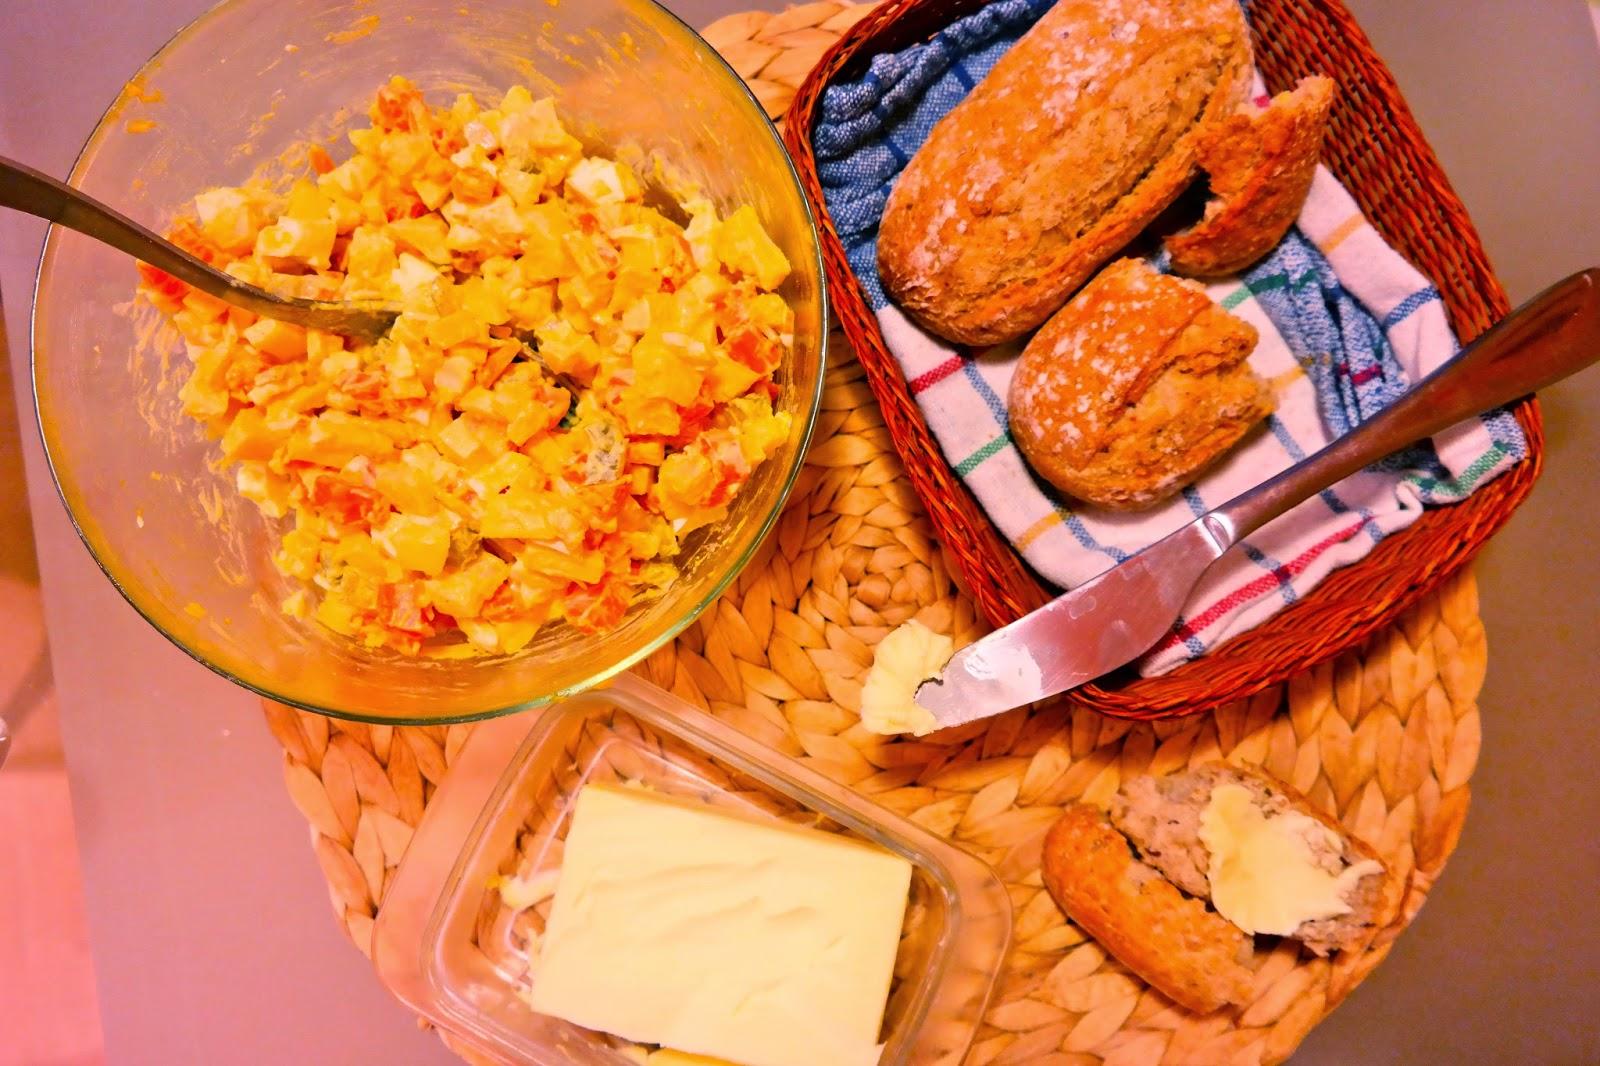 http://gitmallina.blogspot.com/2014/10/saatka-jarzynowa-zawsze-wychodzi.html